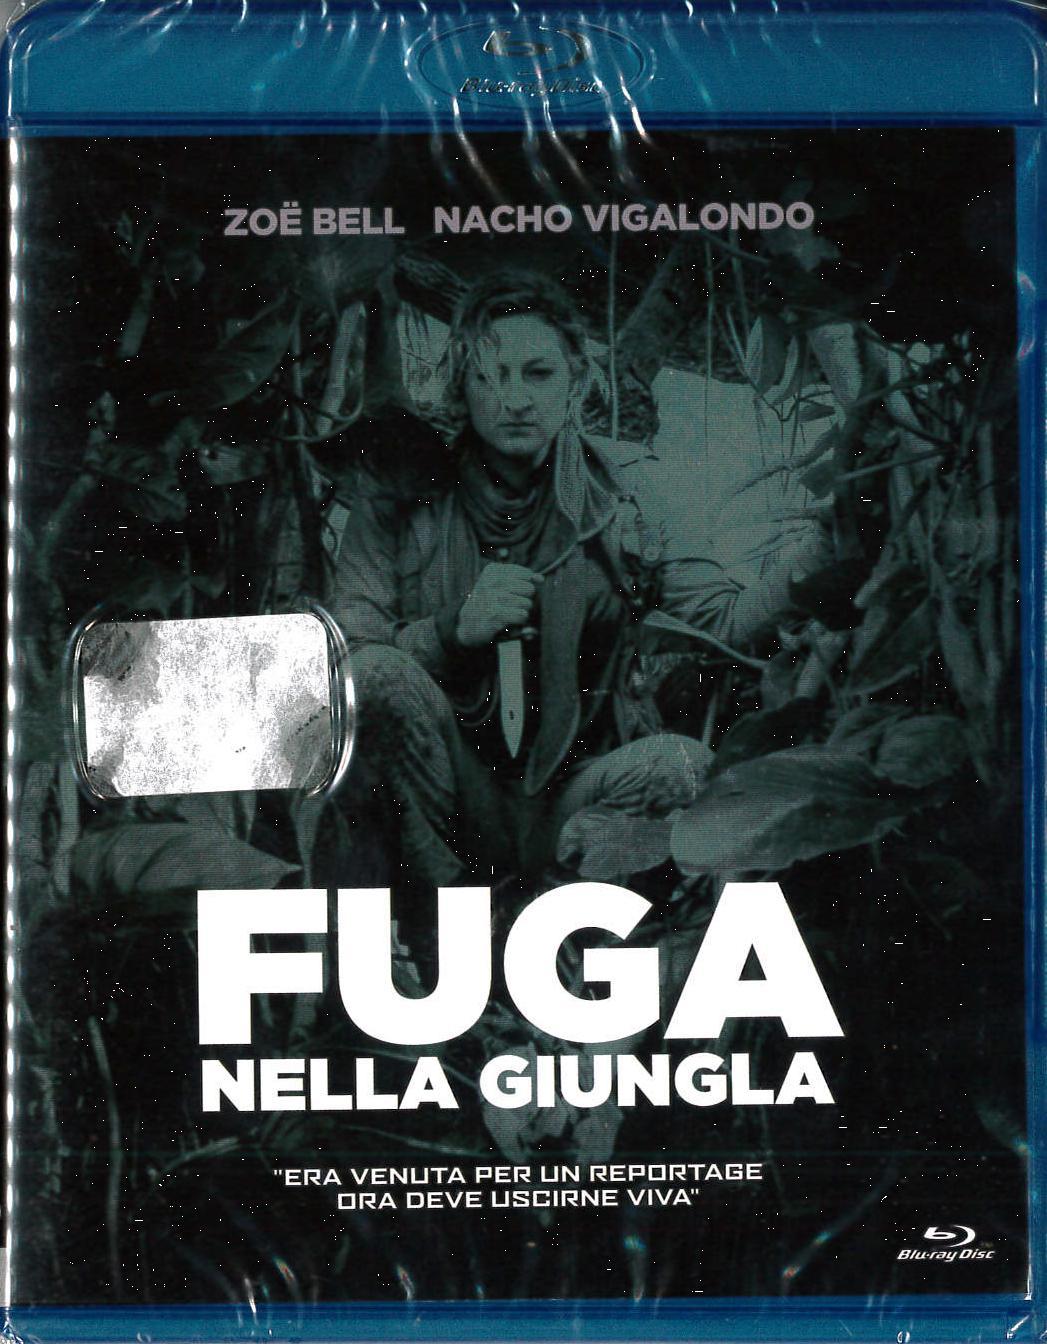 FUGA NELLA GIUNGLA - BLU RAY